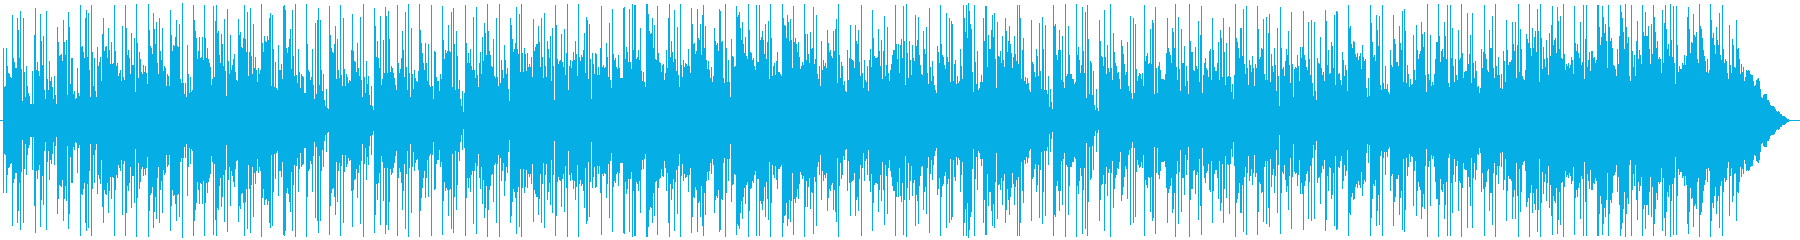 のどかな公園、テクテク散歩のイメージですの再生済みの波形